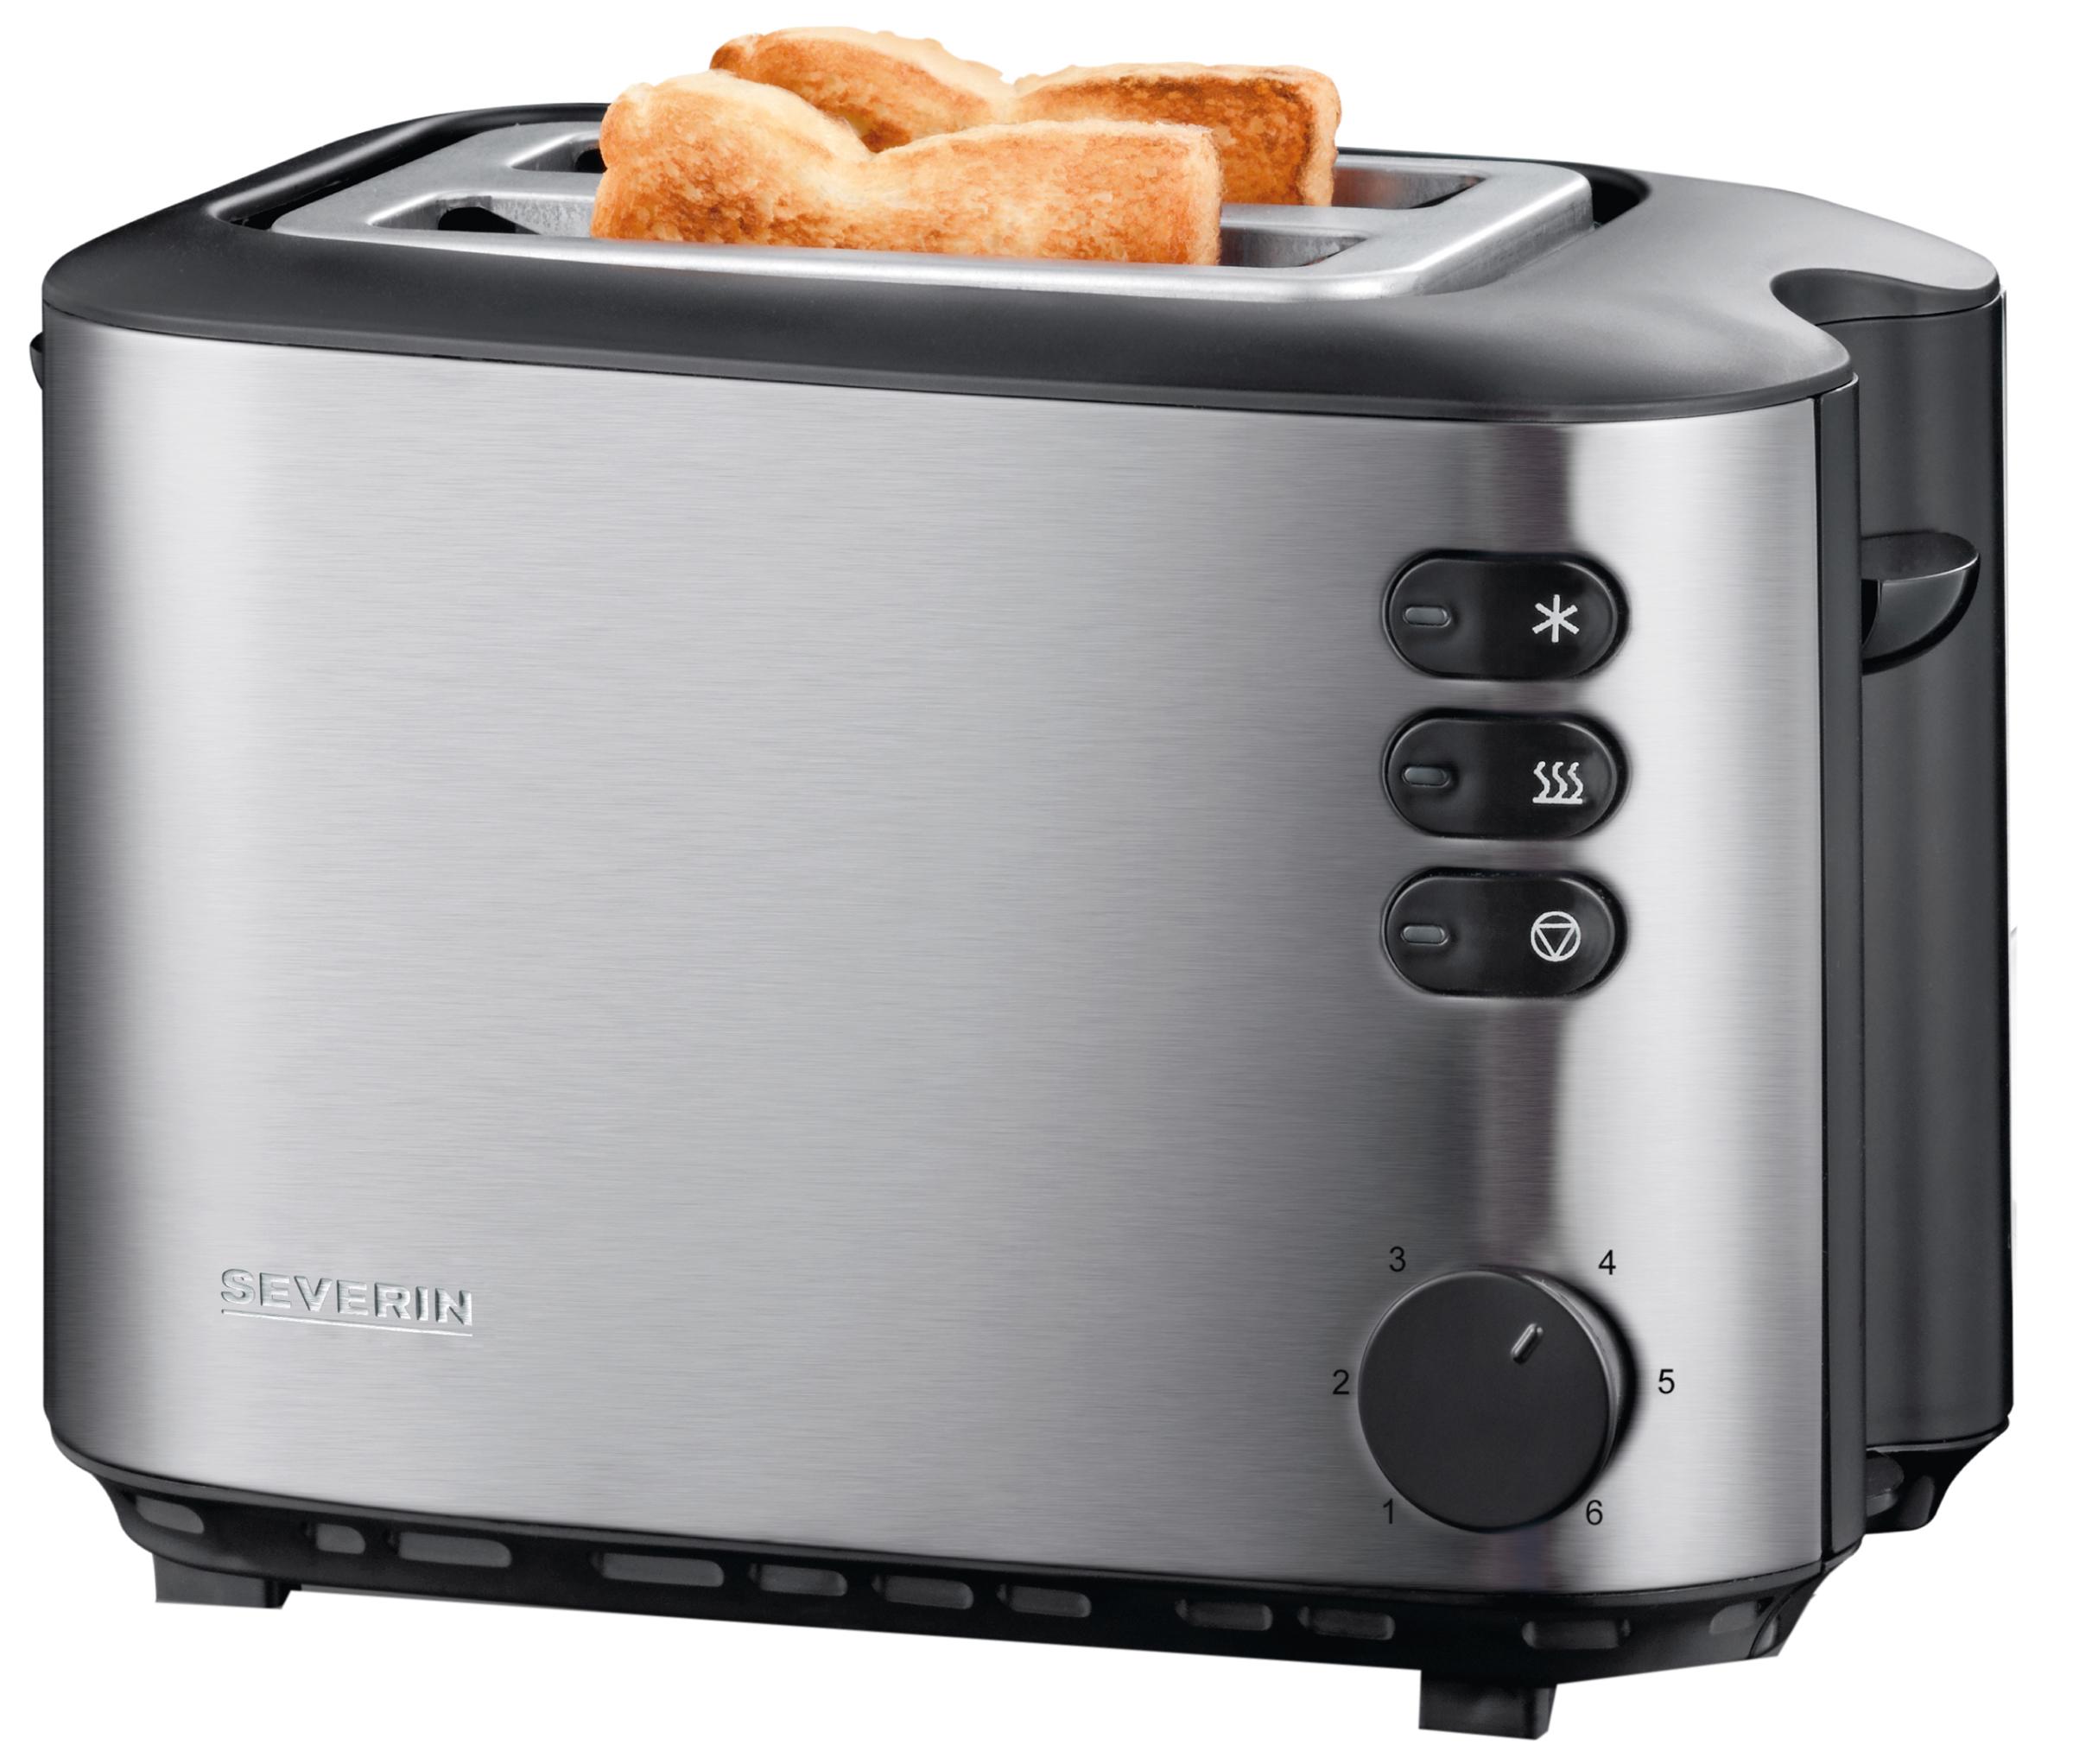 SEVERIN 2-Scheiben-Toaster AT 2514, Edelstahl / schwarz